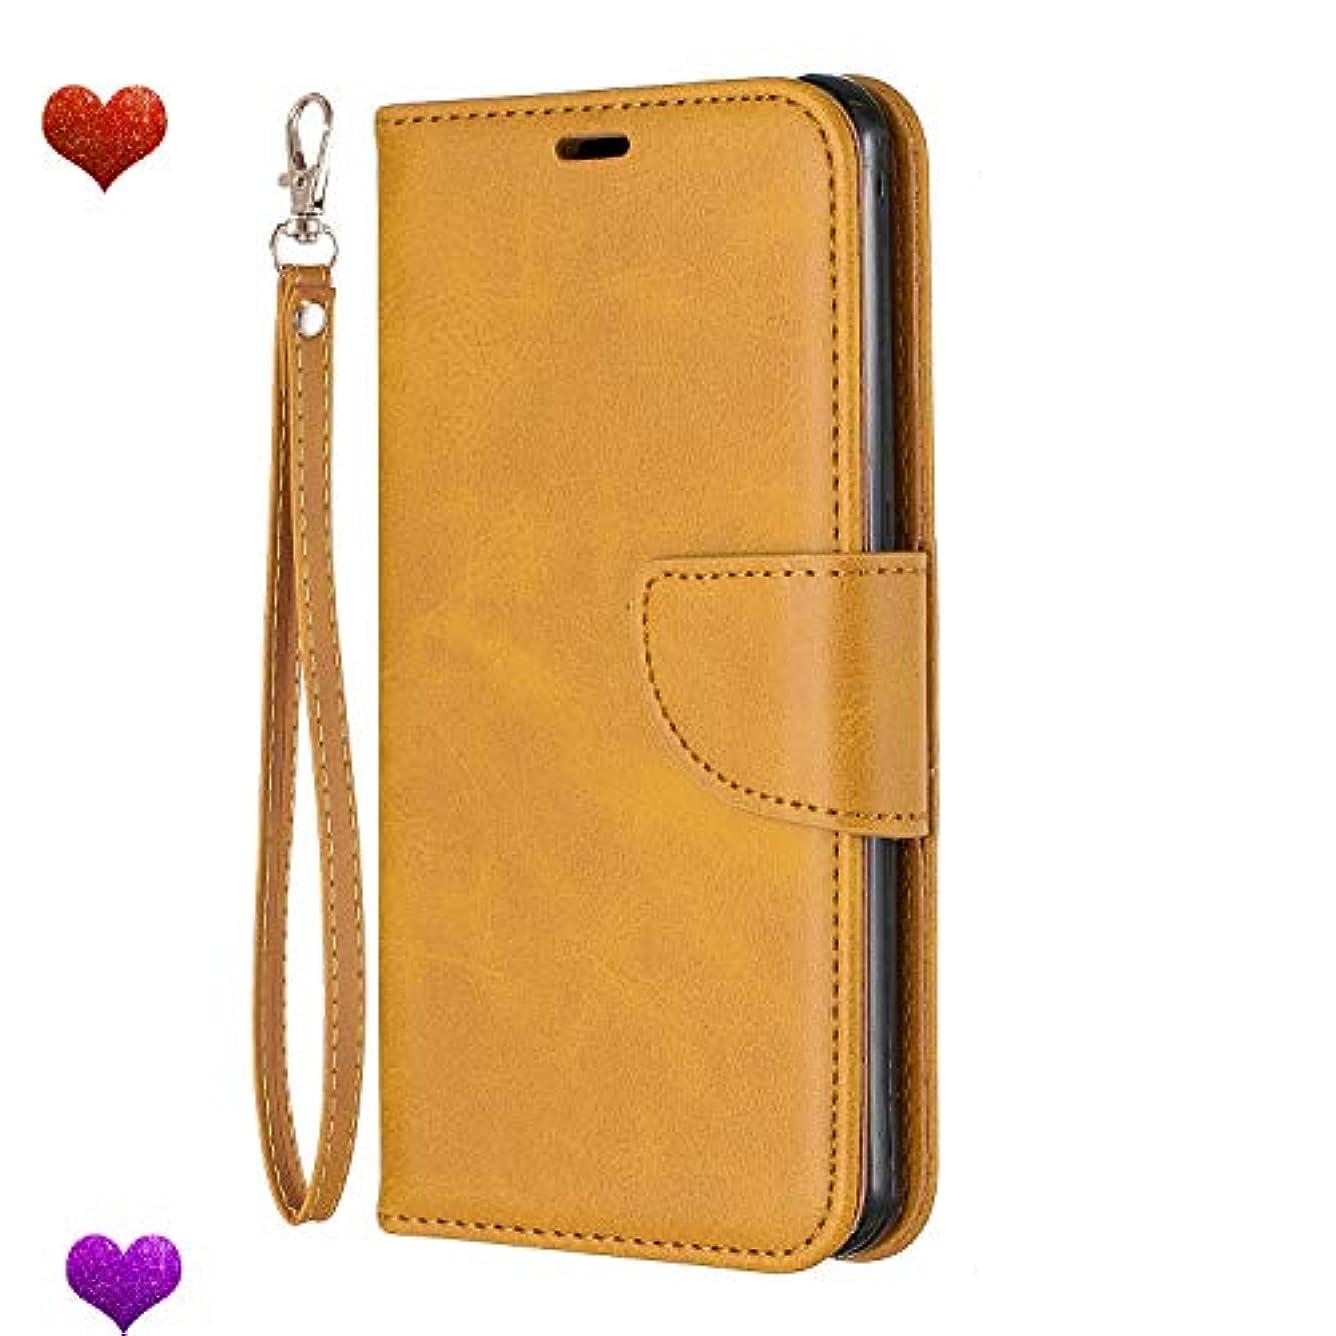 体細胞テクニカルマネージャーSamsung Galaxy A3 2017 ケース 手帳型 本革 レザー カバー 財布型 スタンド機能 カードポケット 耐摩擦 耐汚れ 全面保護 人気 アイフォン